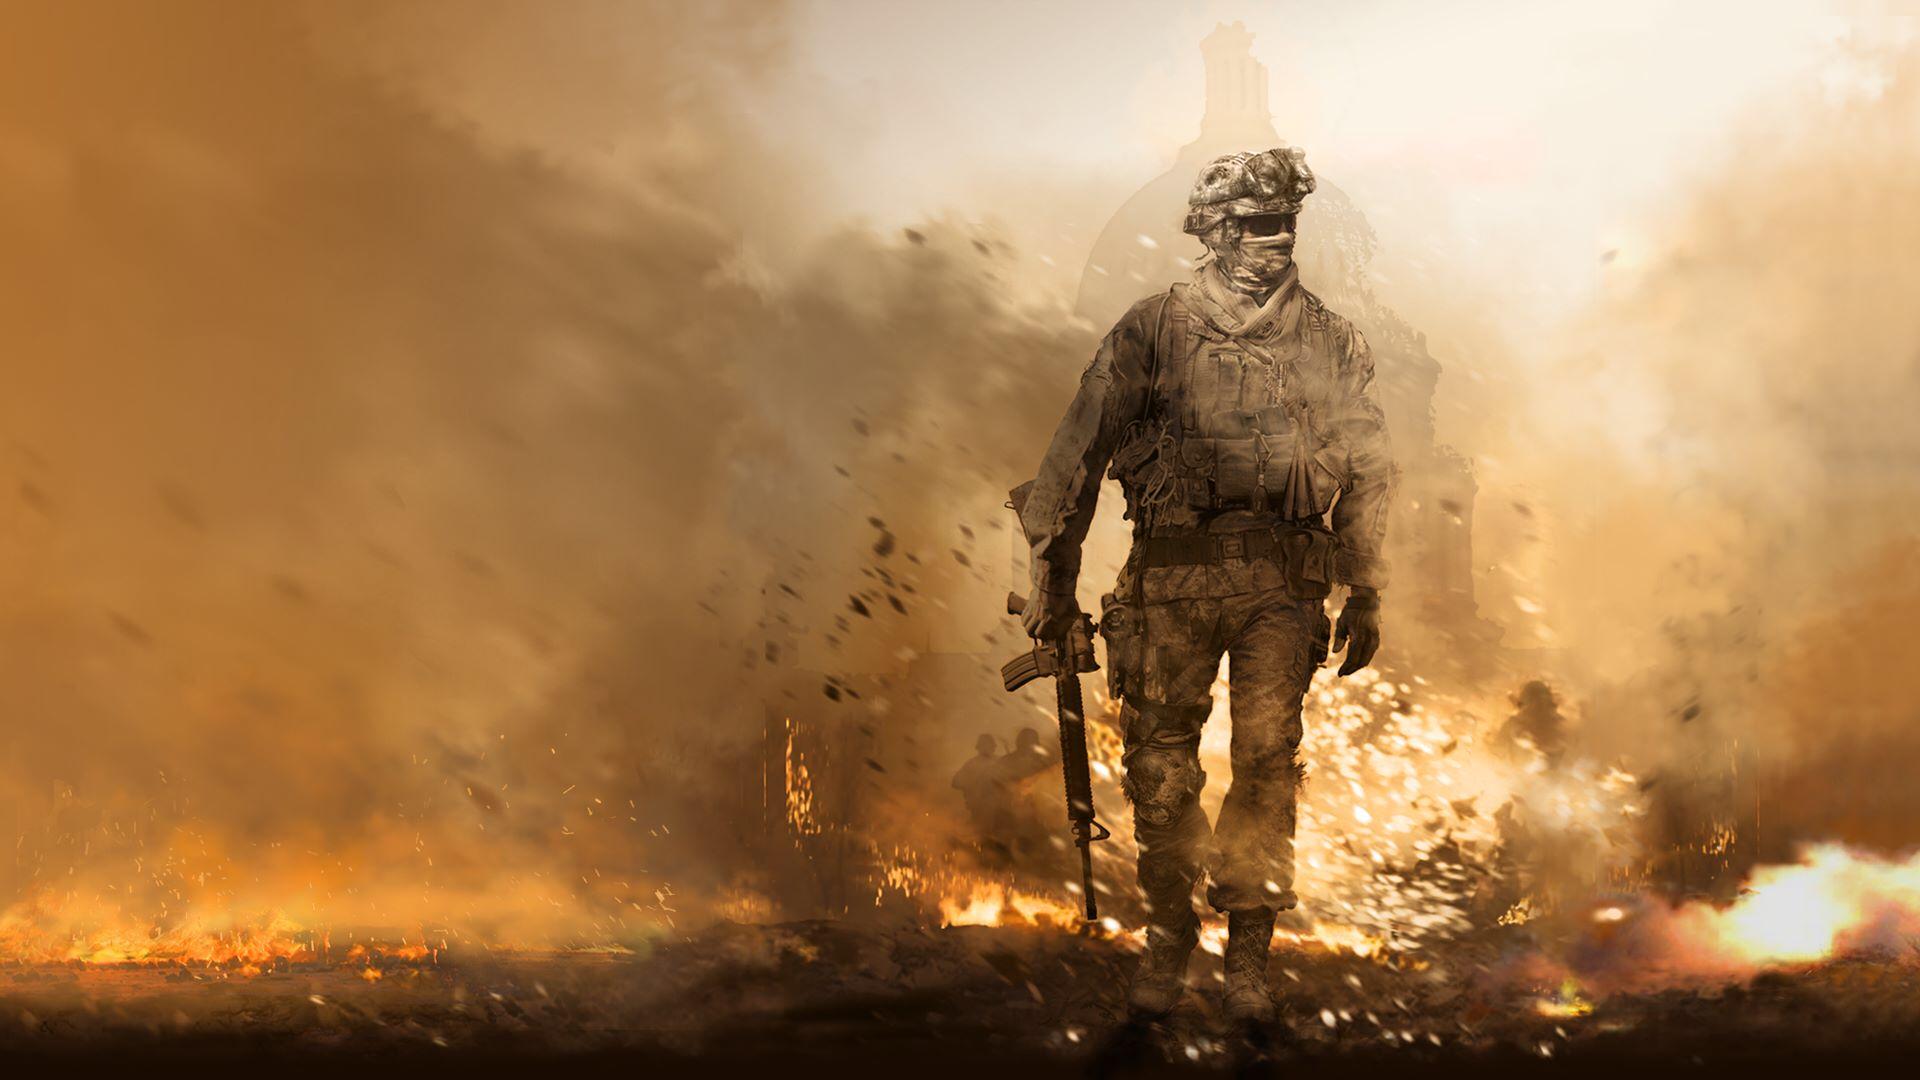 بخش داستانی Call of Duy: Modern Warfare 2 Remastered در اروپا ردهبندی سنی شد